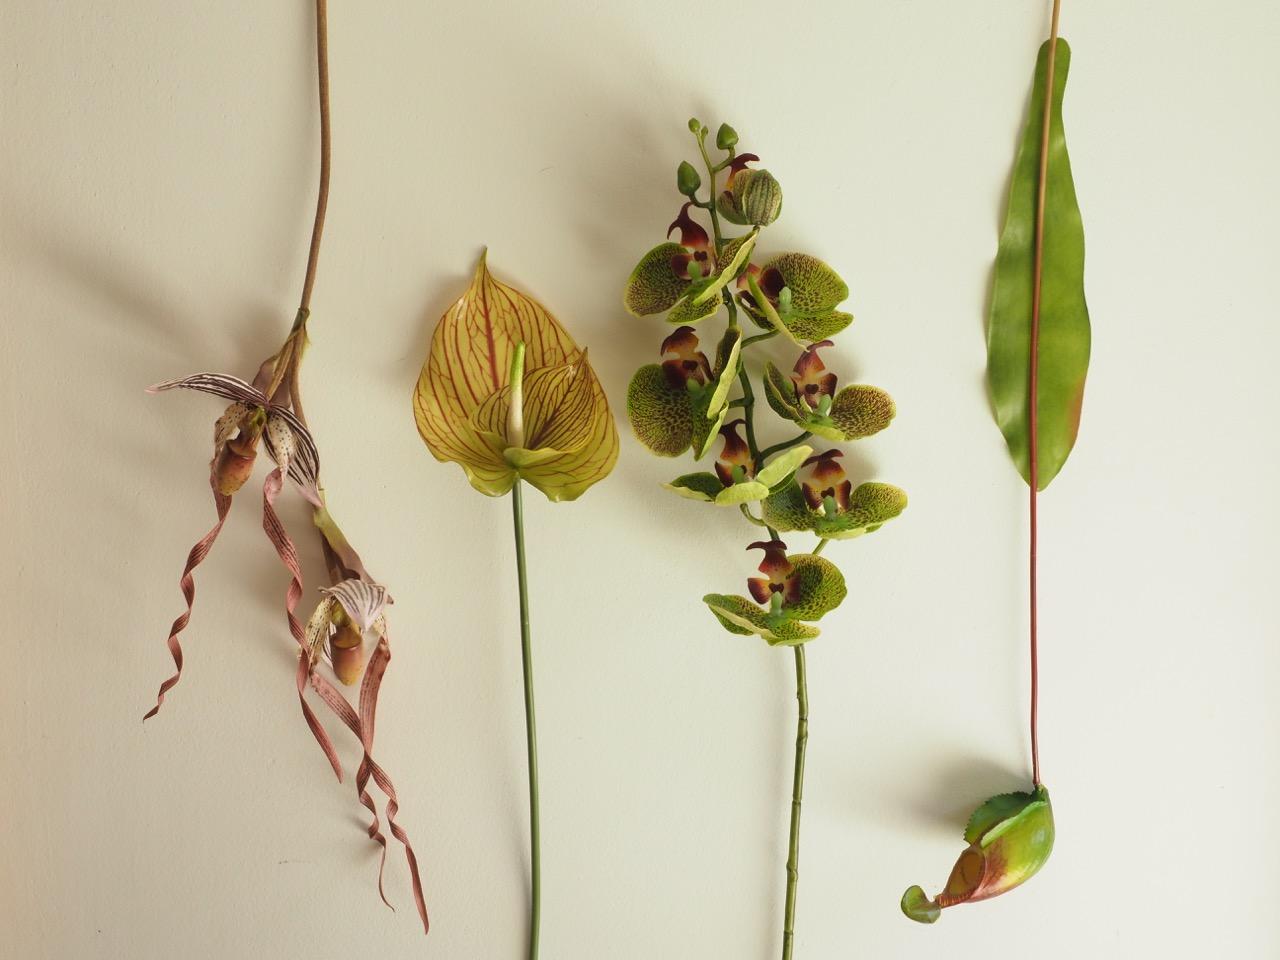 「もう一つの真実」という植物があります